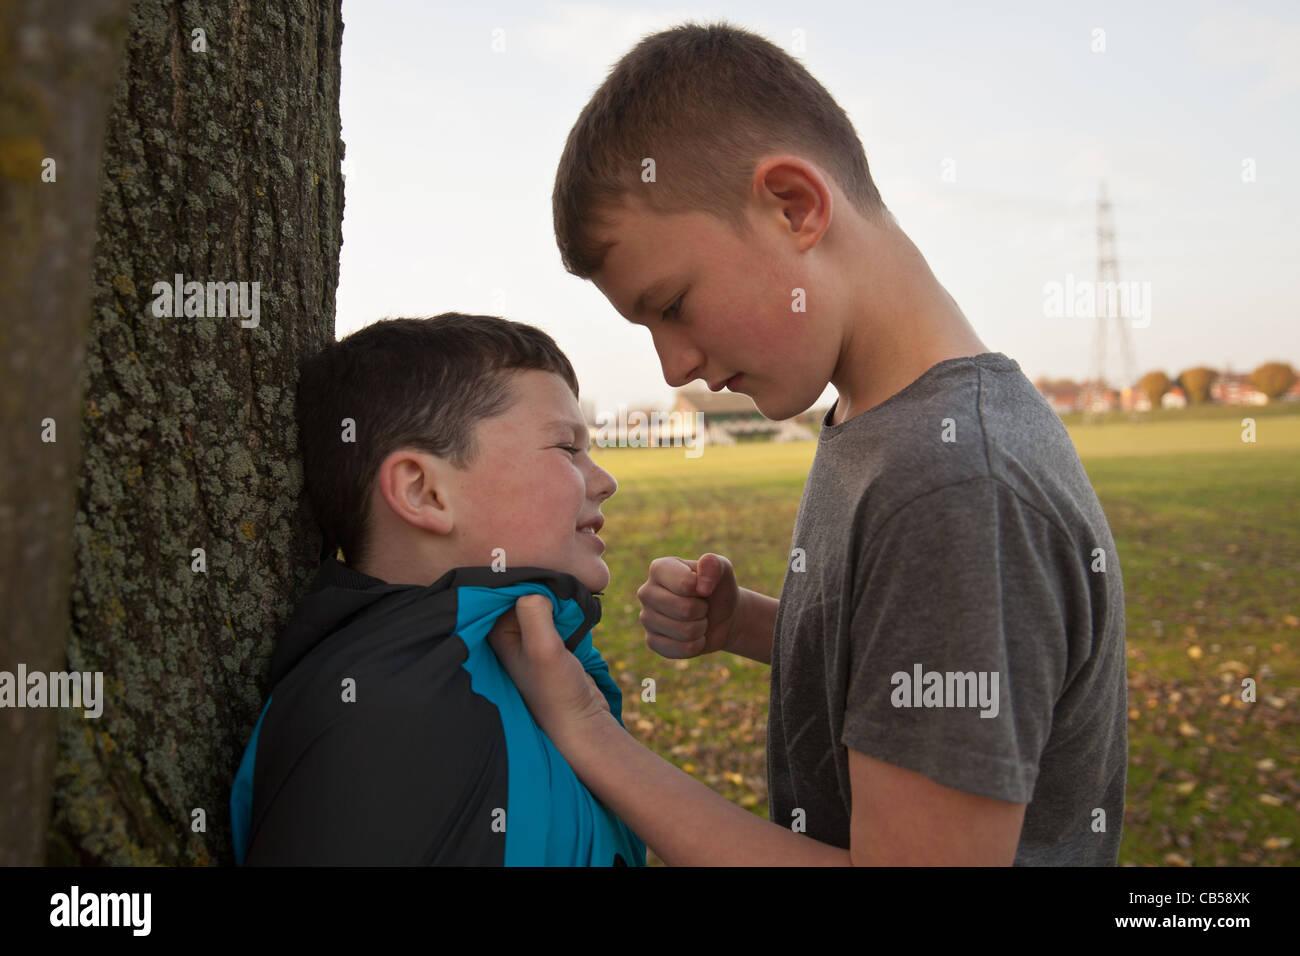 Un vecchio ragazzo bullismo un giovane ragazzo con il suo pugno azienda ribattuto lui fino contro un albero. Immagini Stock